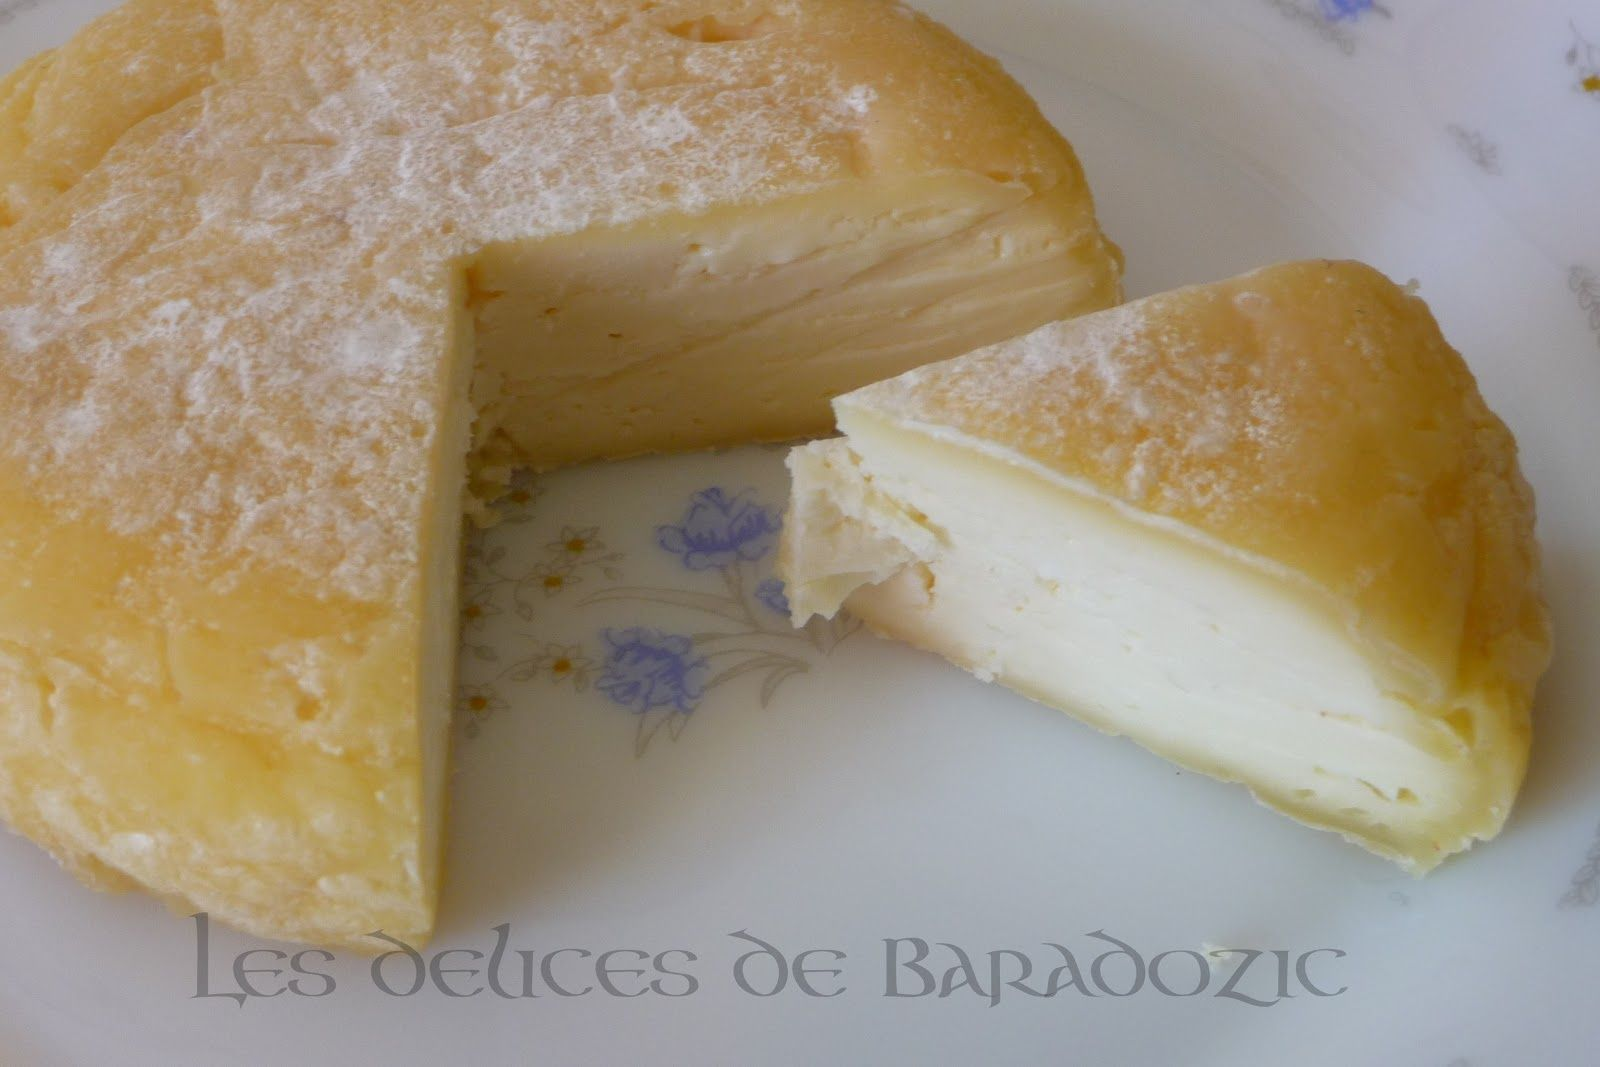 les d lices de baradozic fromage maison fromage pinterest fromage maison fromage et maisons. Black Bedroom Furniture Sets. Home Design Ideas